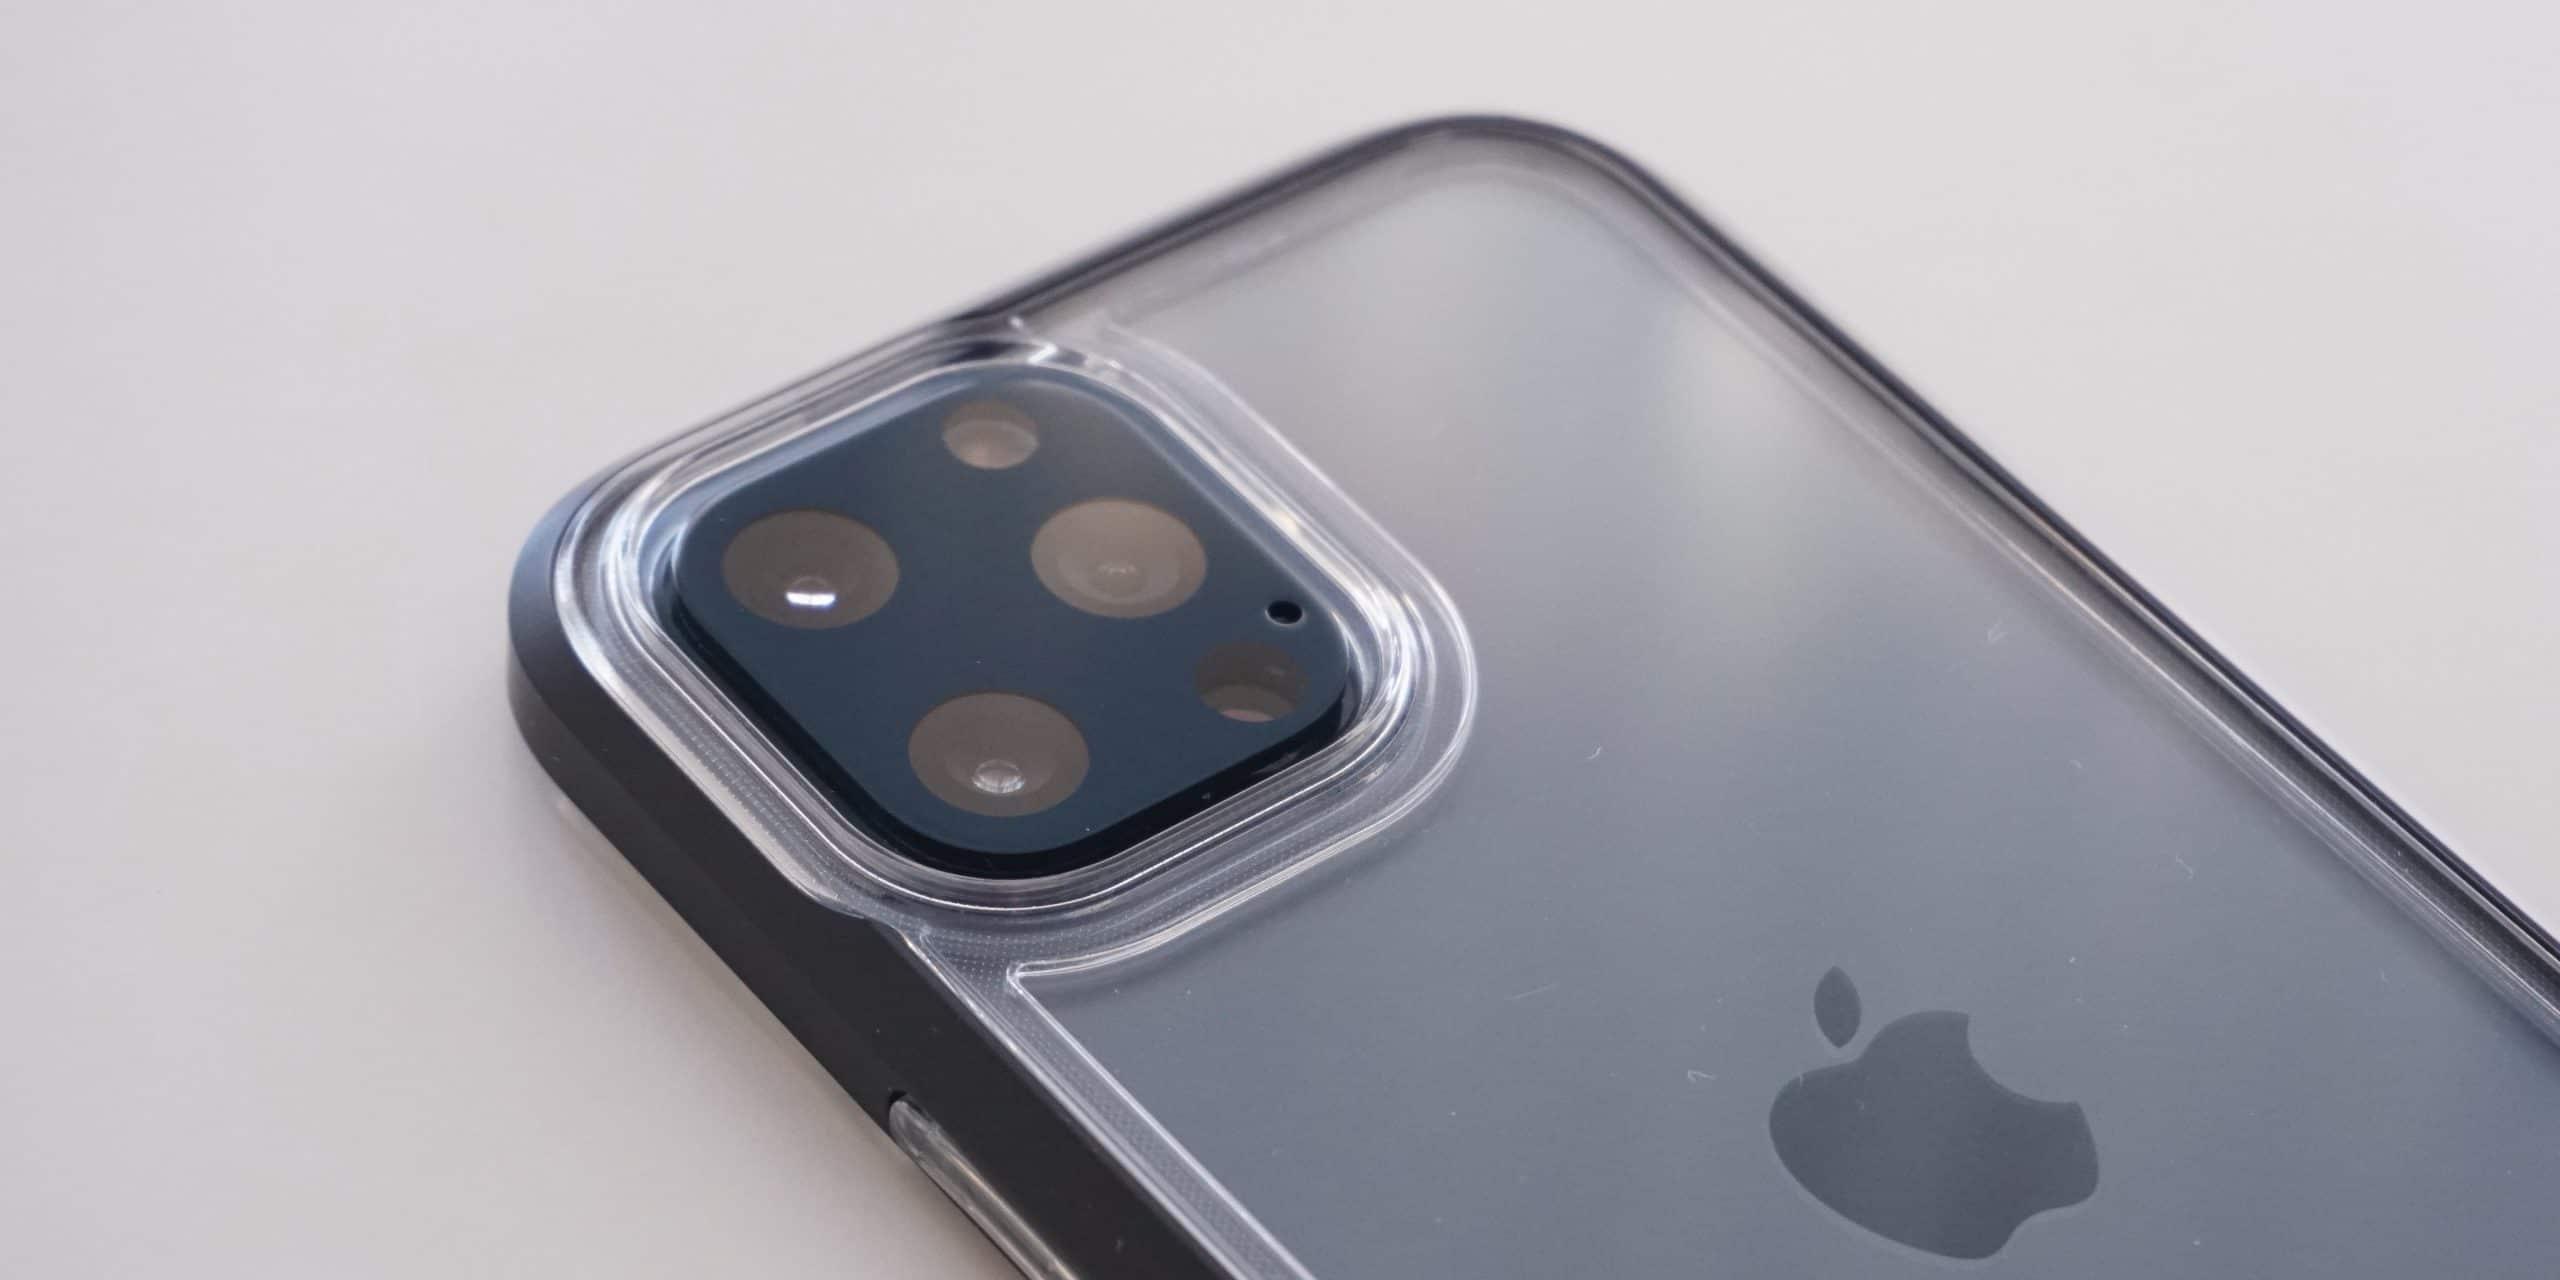 The iPhone 11 na iPhone 12 na-achịkwa ahịa US dịka ndị ahịa nyocha ọgụgụ  isi